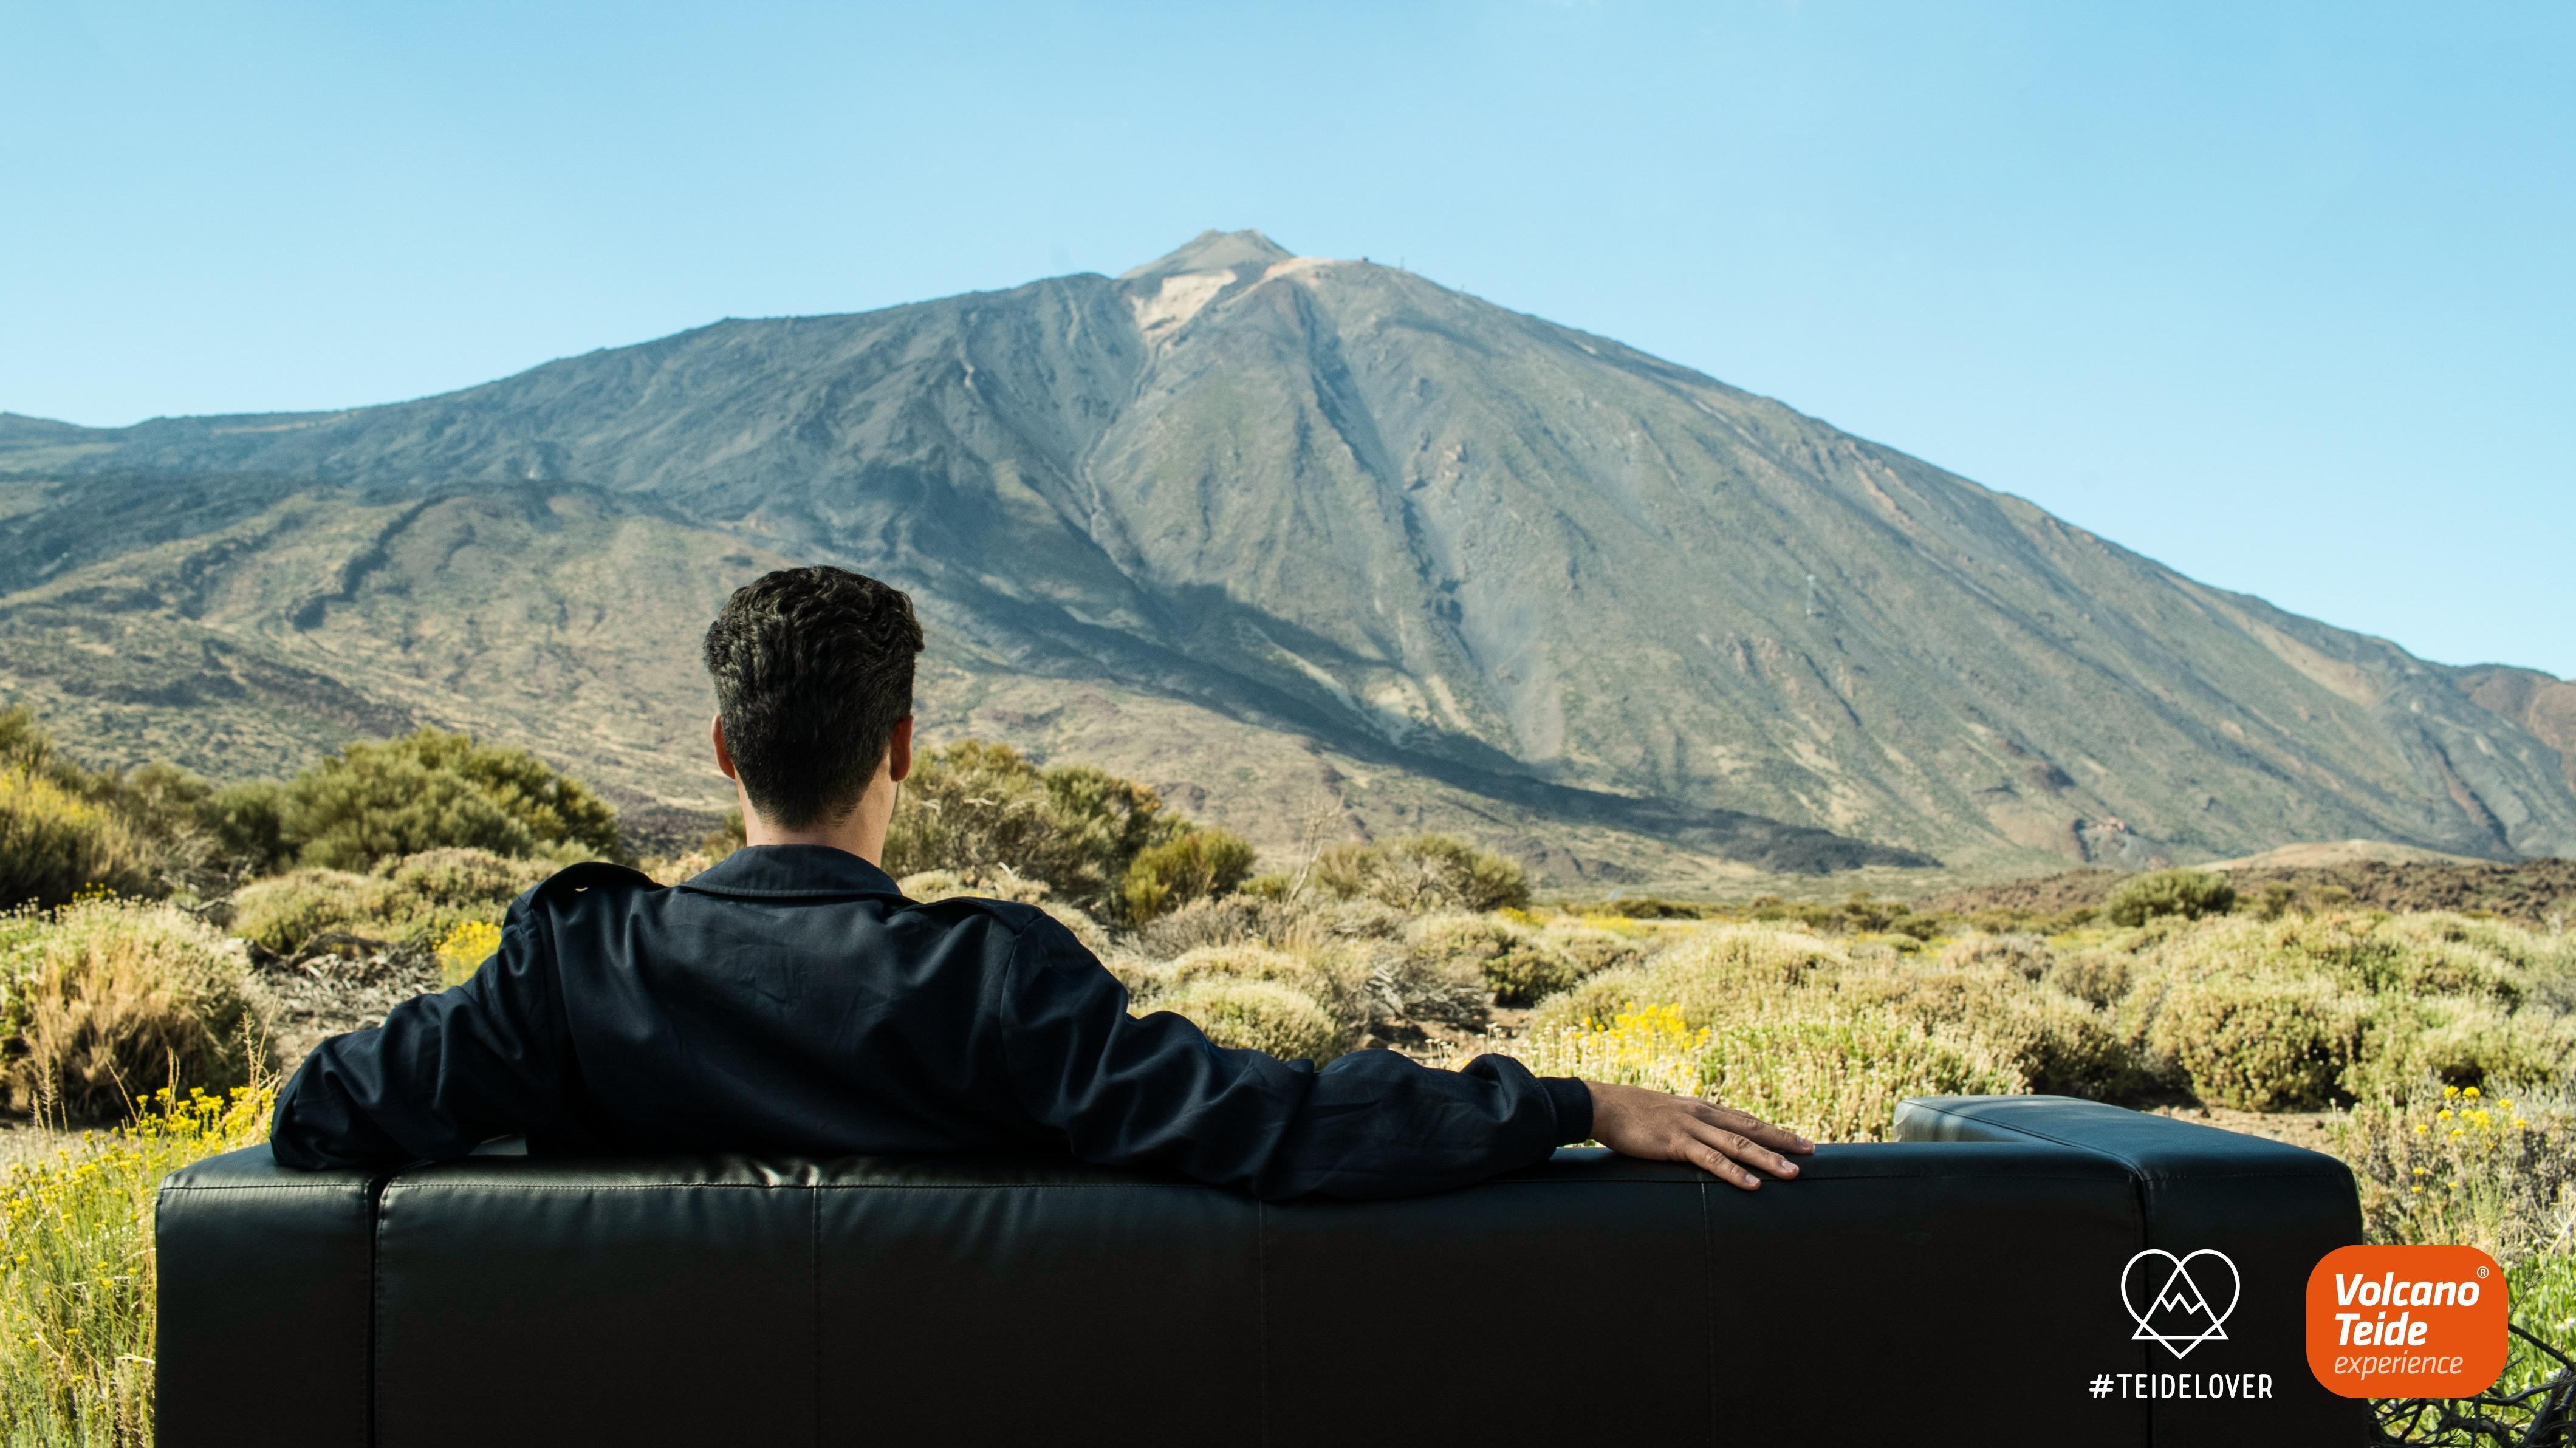 Que faire au Teide : calendrier hebdomadaire des activités et des excursions